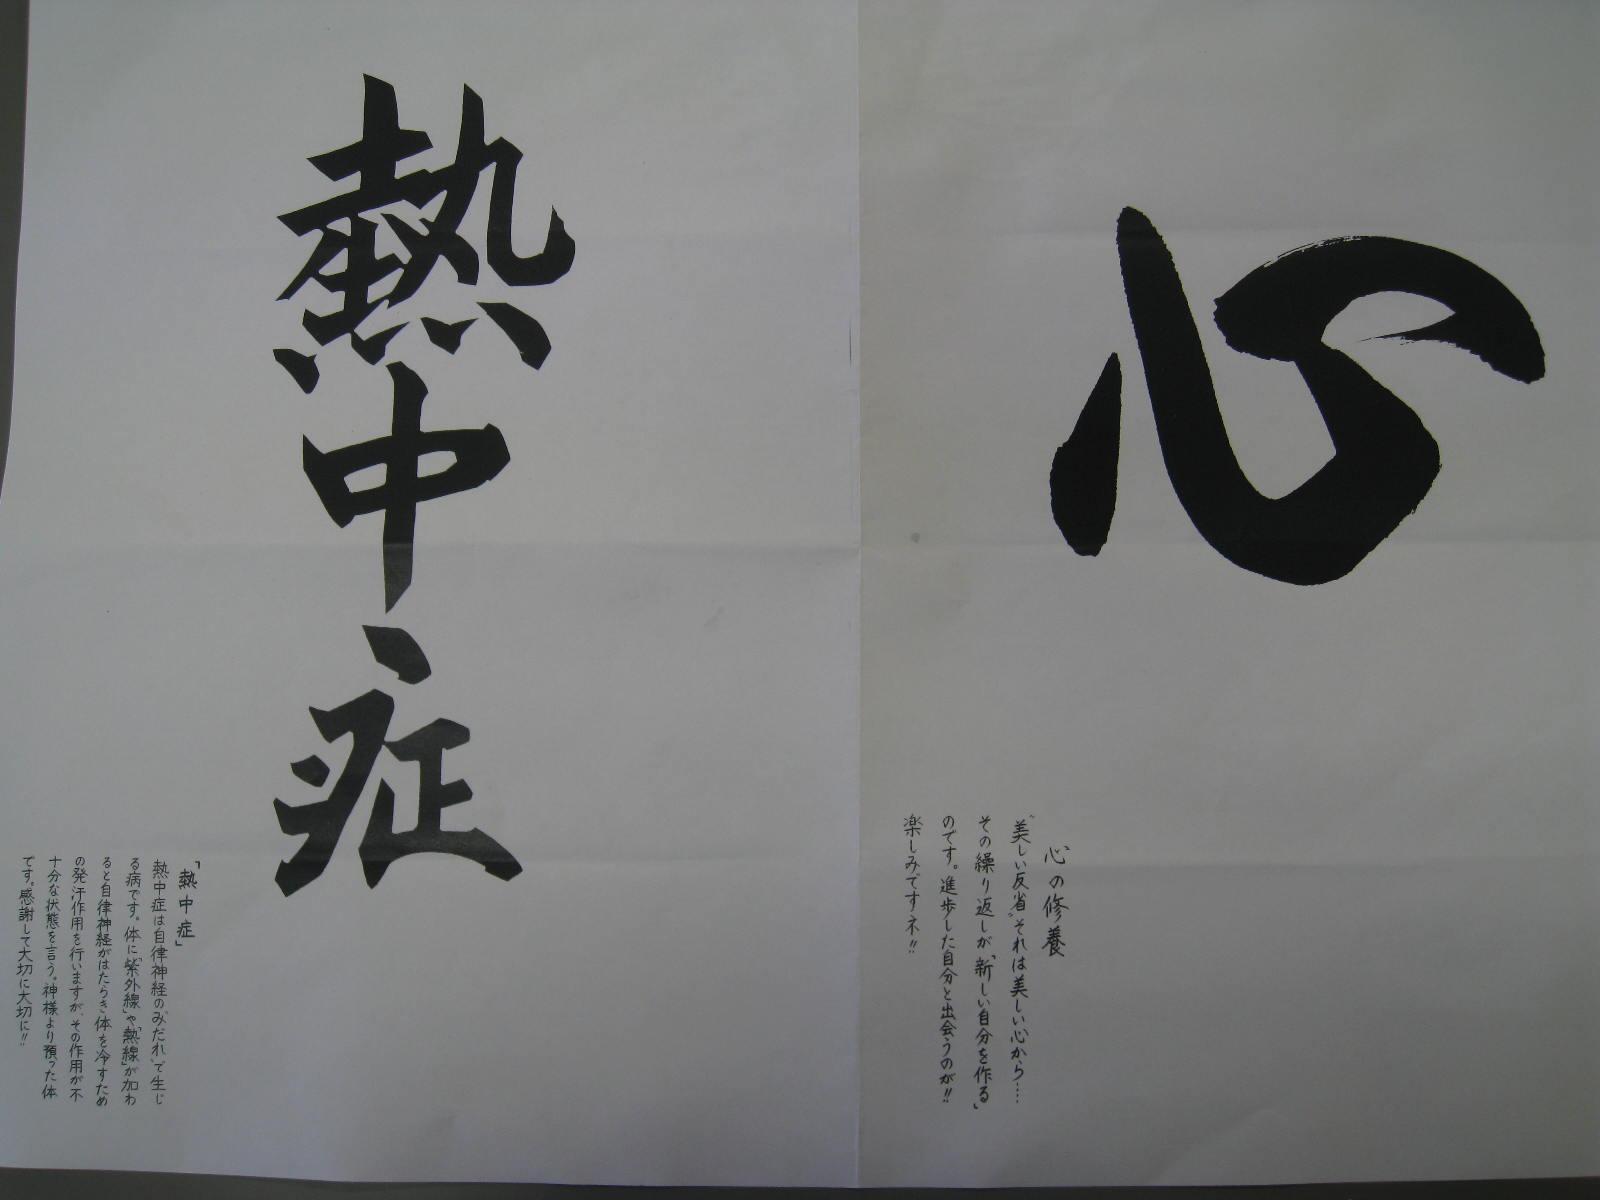 高田さんの書